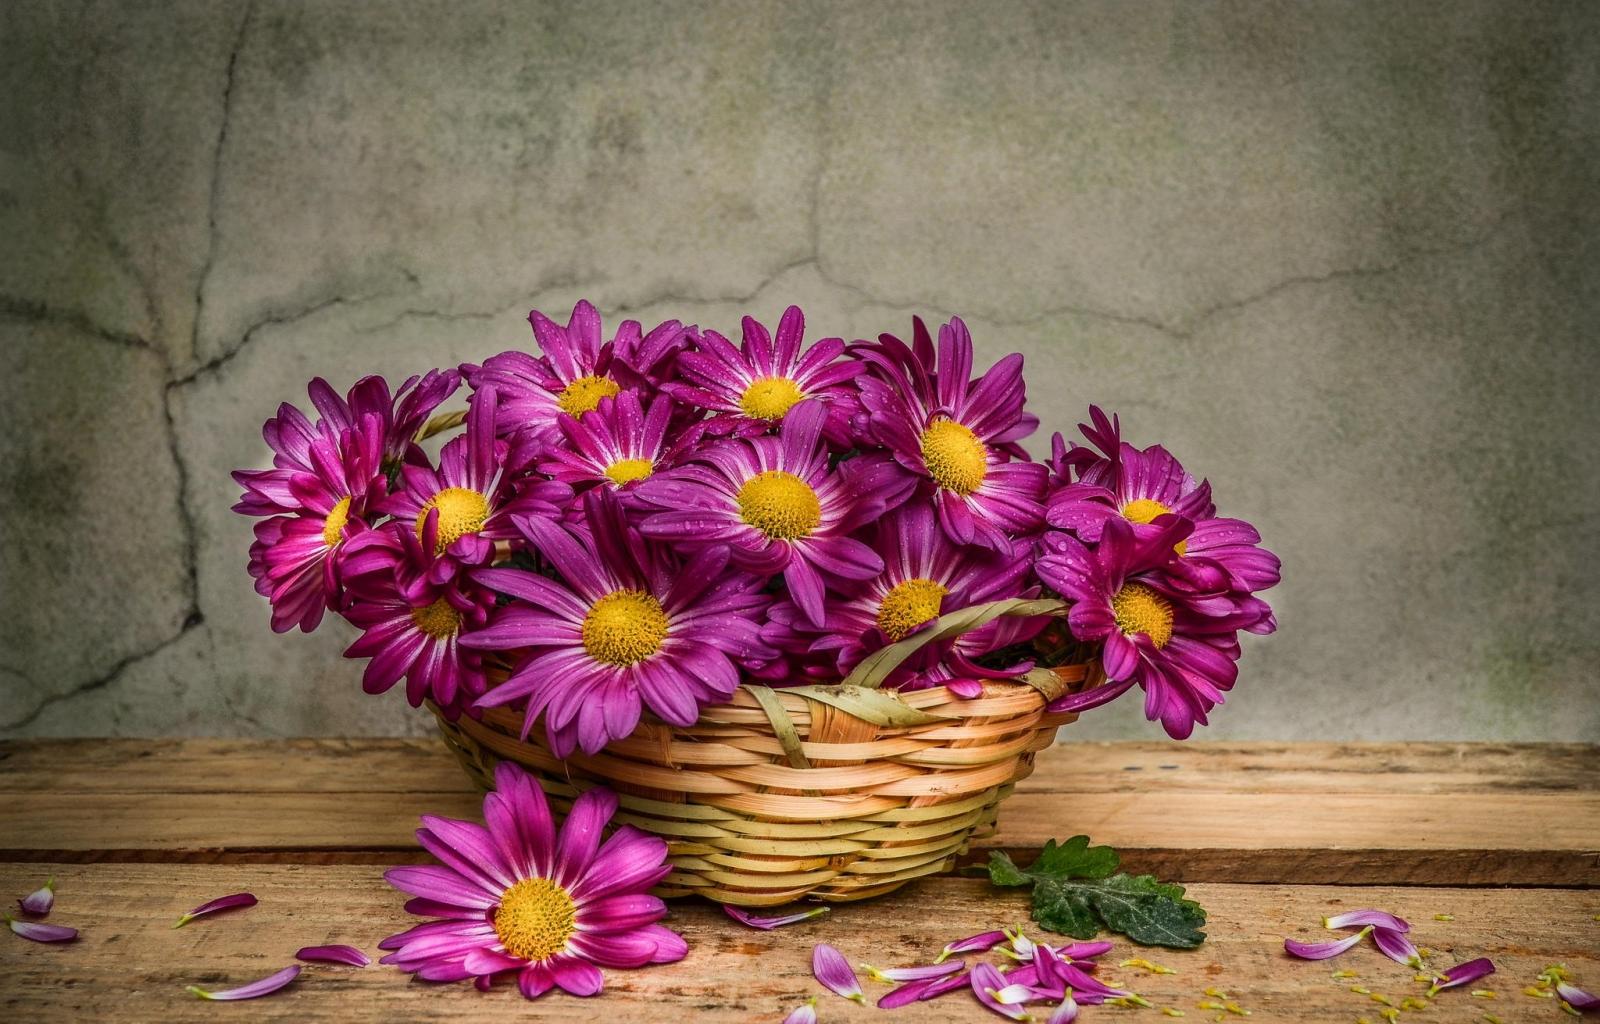 37327 скачать обои Растения, Цветы, Букеты - заставки и картинки бесплатно